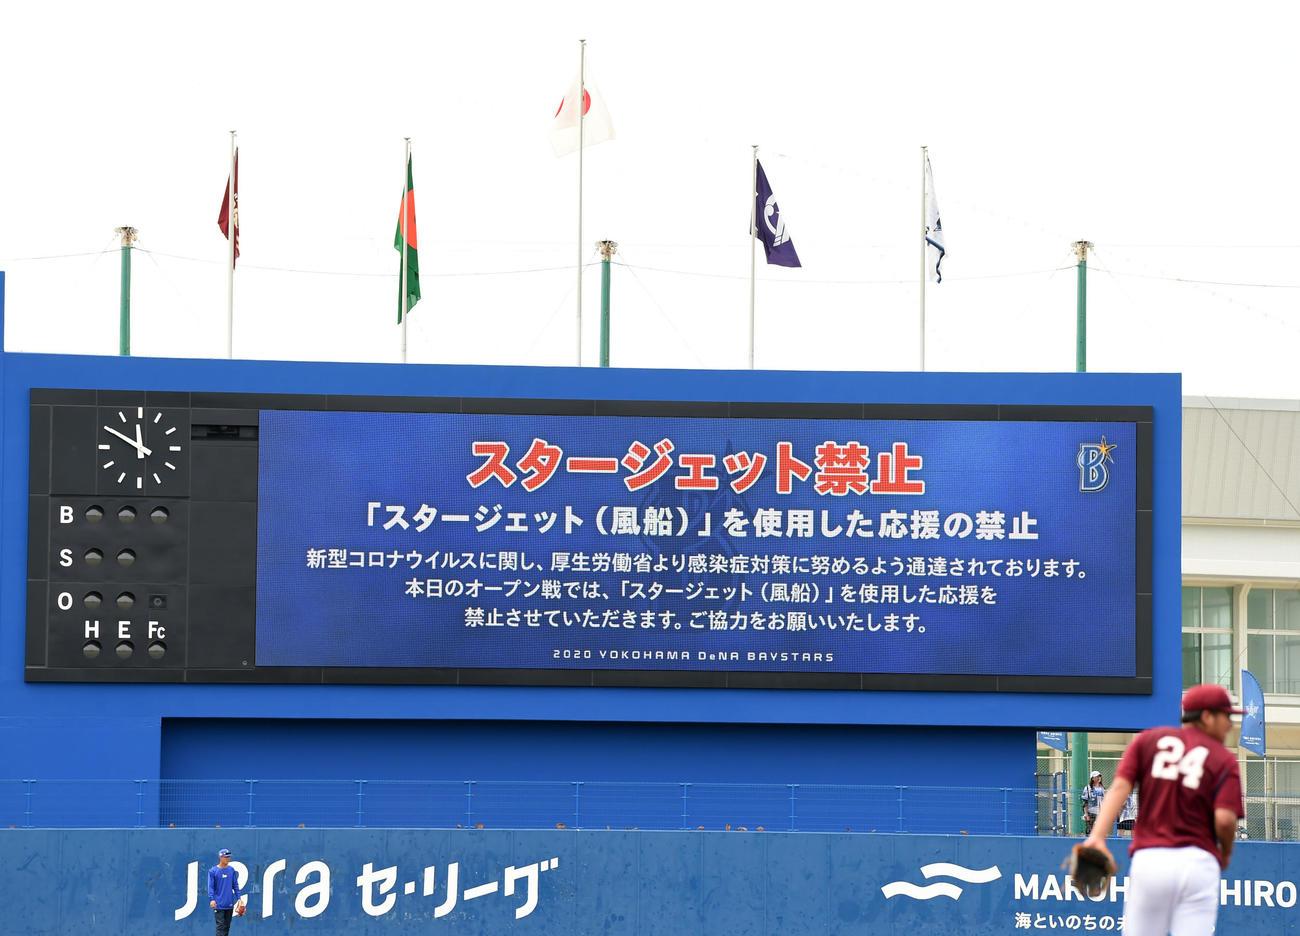 DeNA対楽天 新型コロナウイルスの影響でジェット風船は禁止となった(撮影・横山健太)